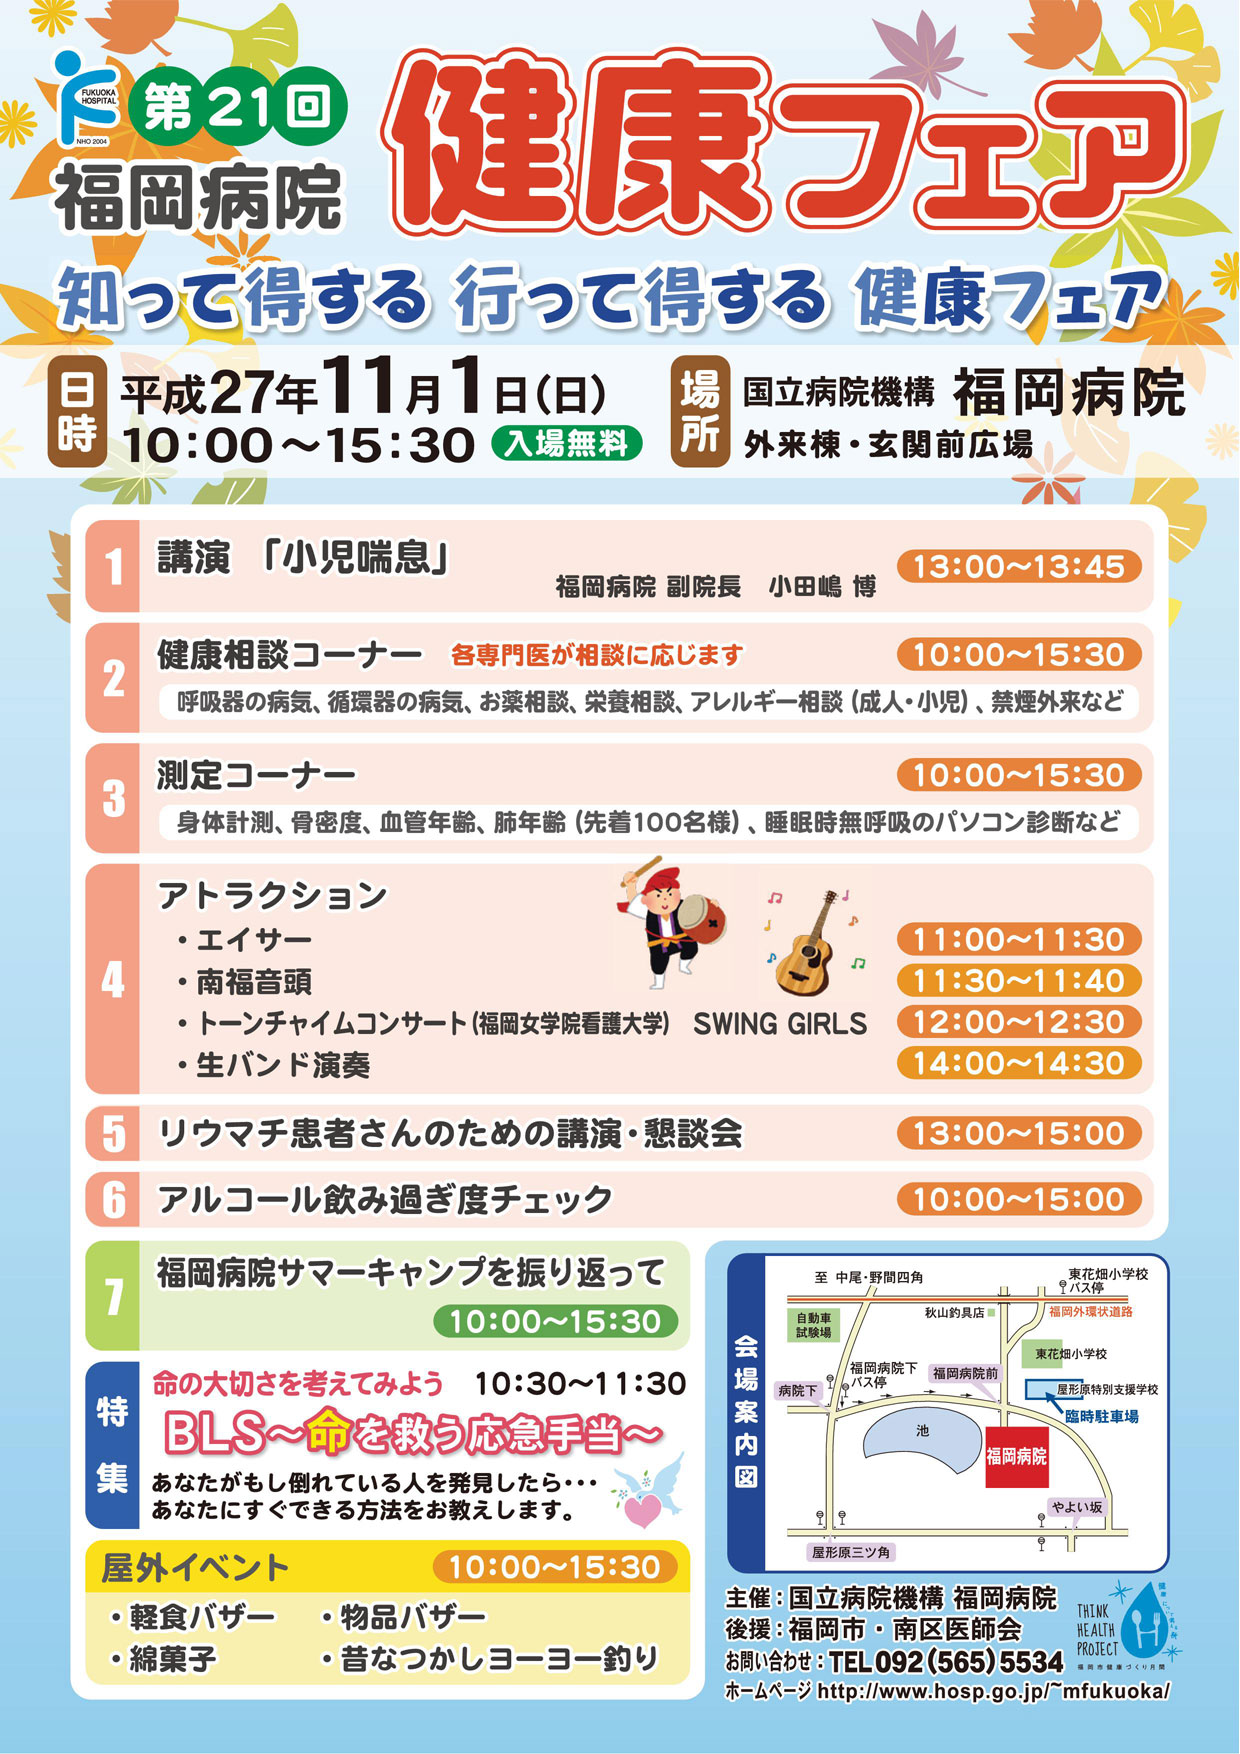 福岡病院 健康フェア